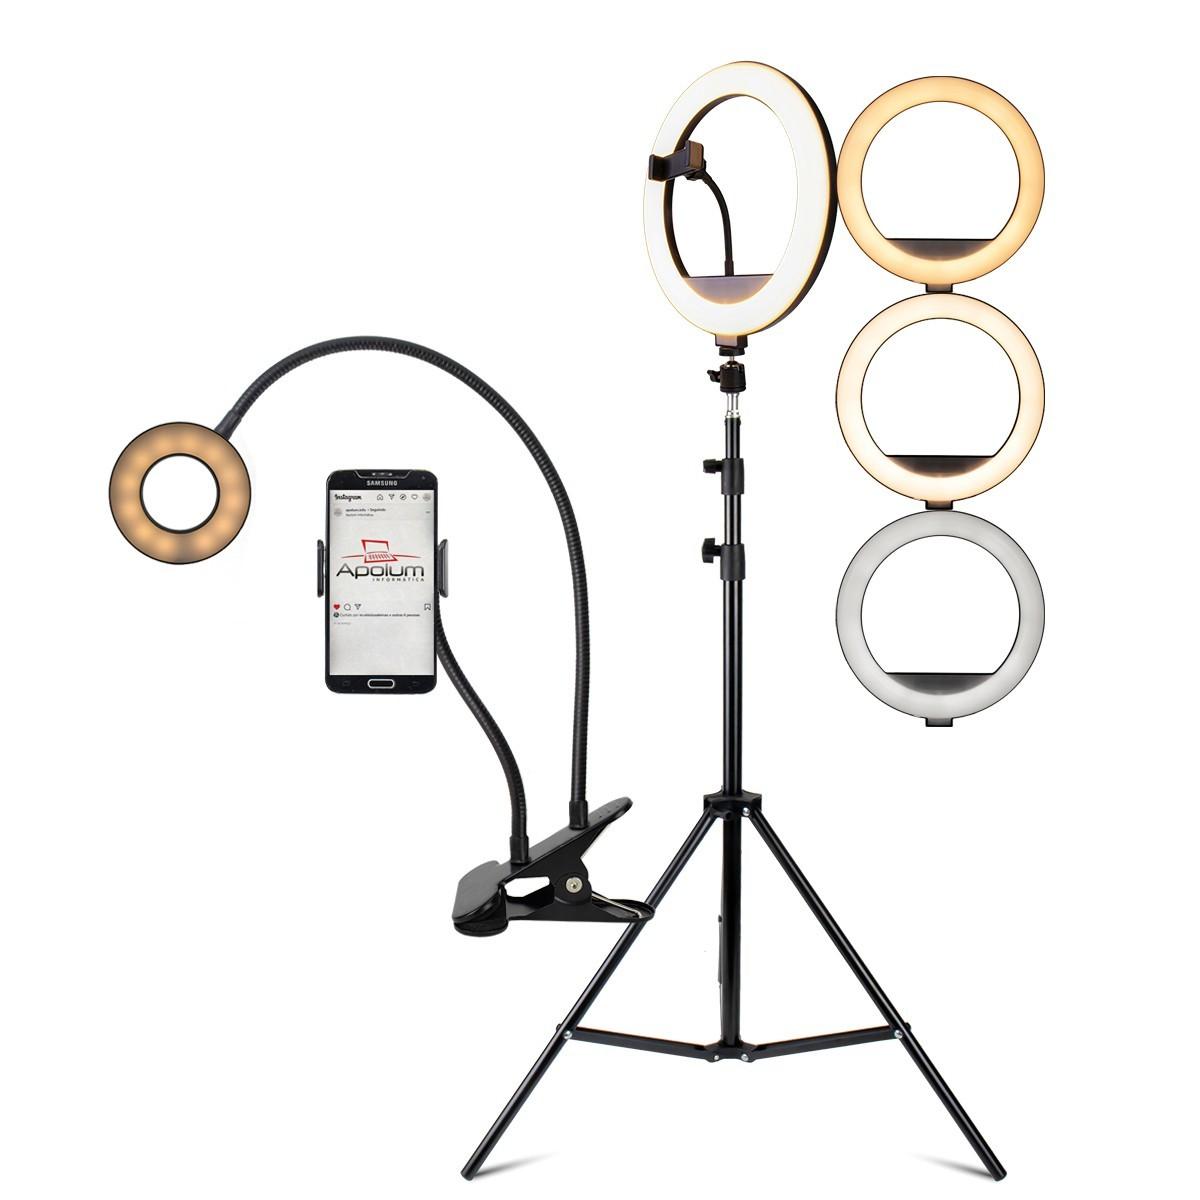 KIT Iluminador Ring Light 12 Polegadas LED Dimerizável com Ajuste de Intensidade e Suporte de Celular + Tripé de 2,10 metros + Ring Light 3,5 Polegadas com Presilha